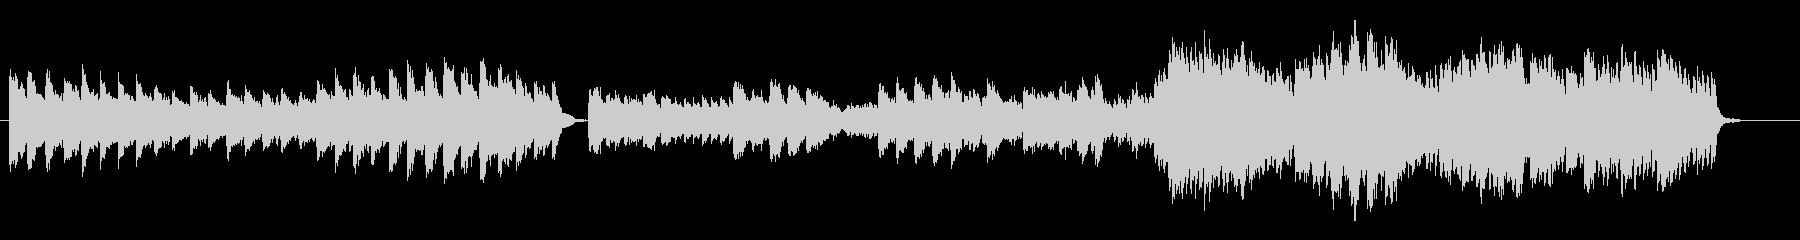 ツェルニー30番練習曲No.4の未再生の波形